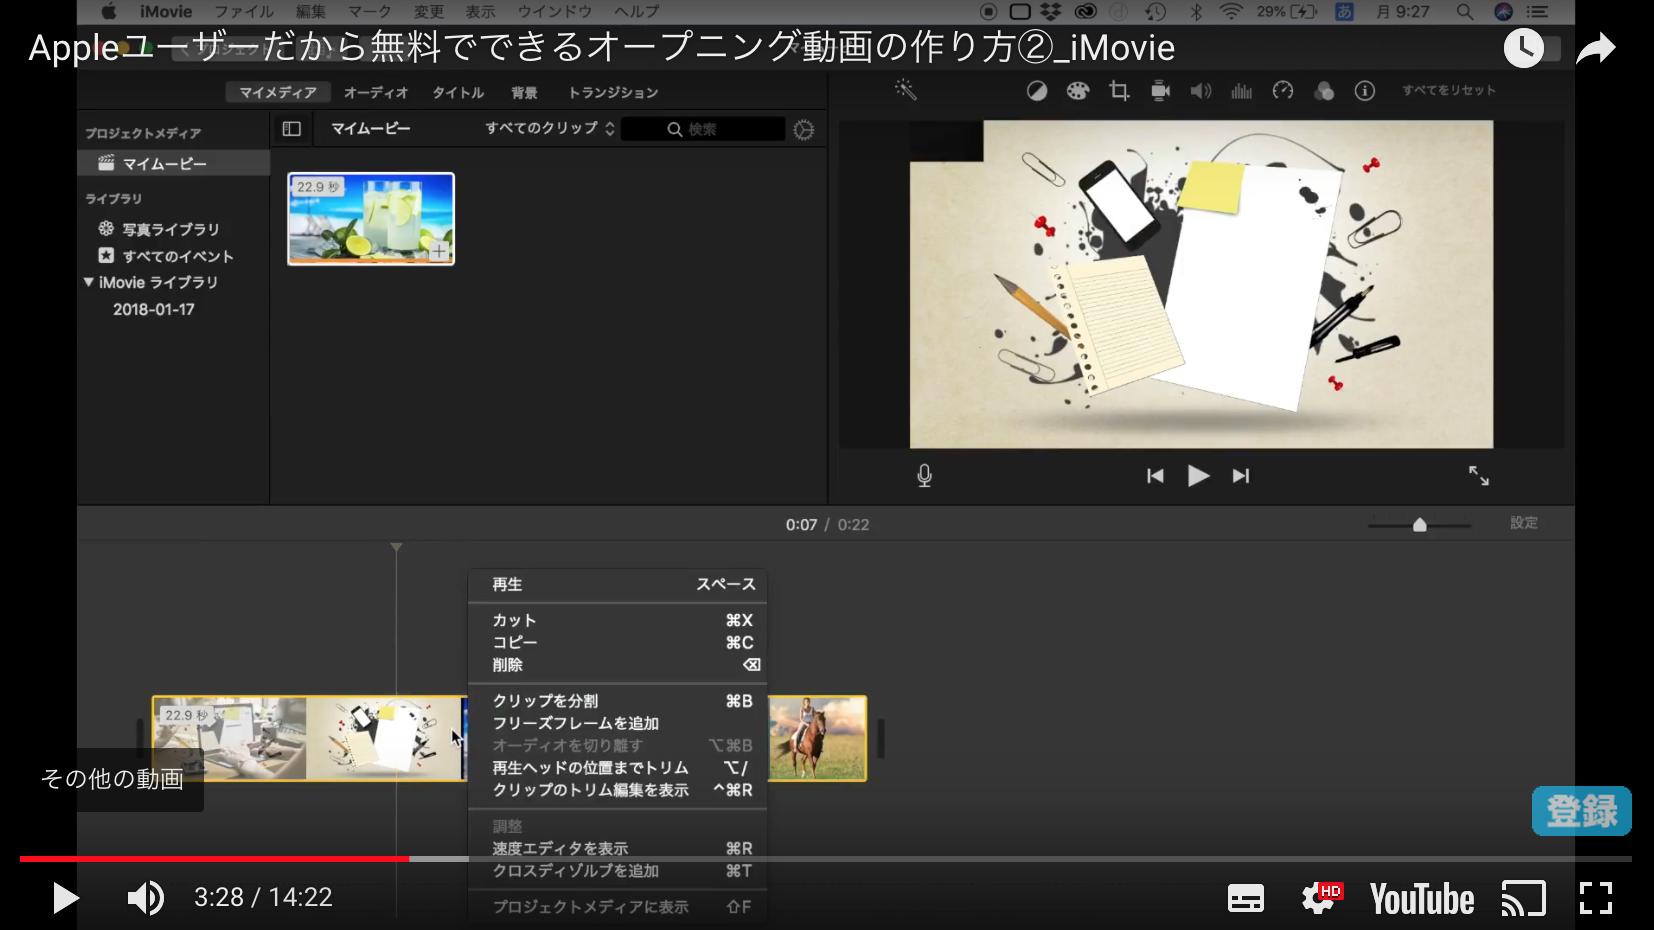 iMovieで作るオープニング動画の作り方